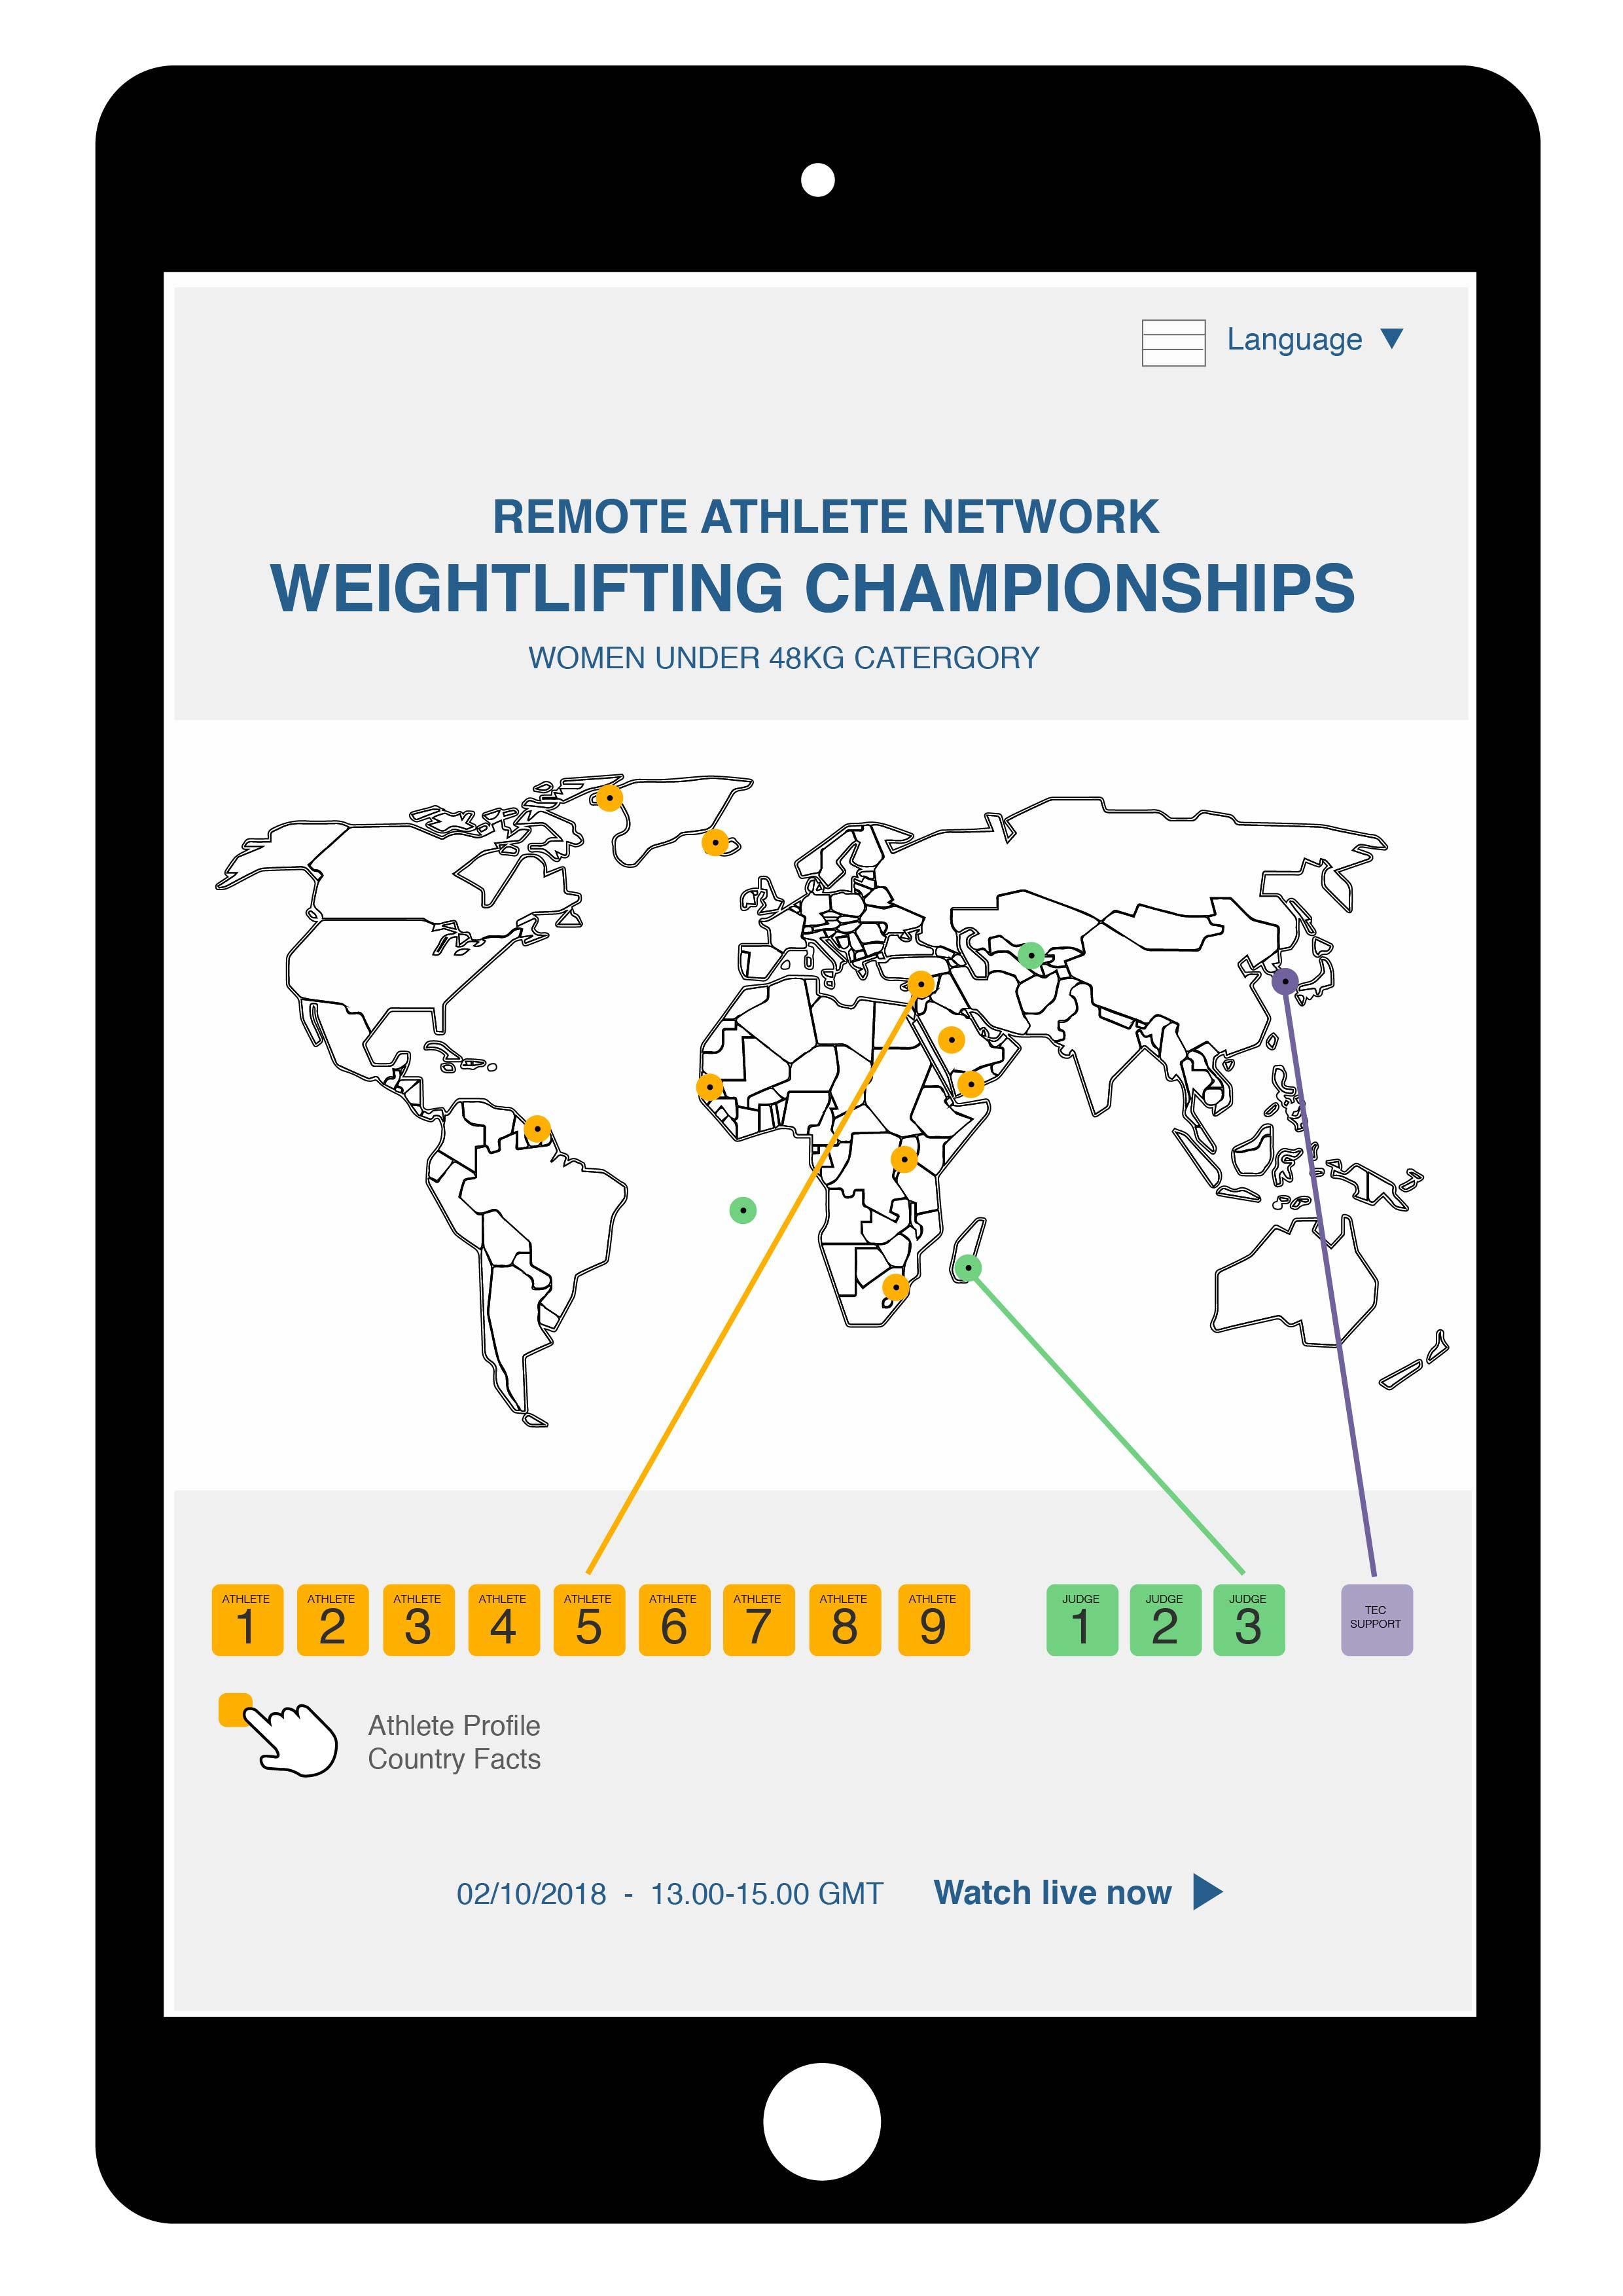 Remote athlete network